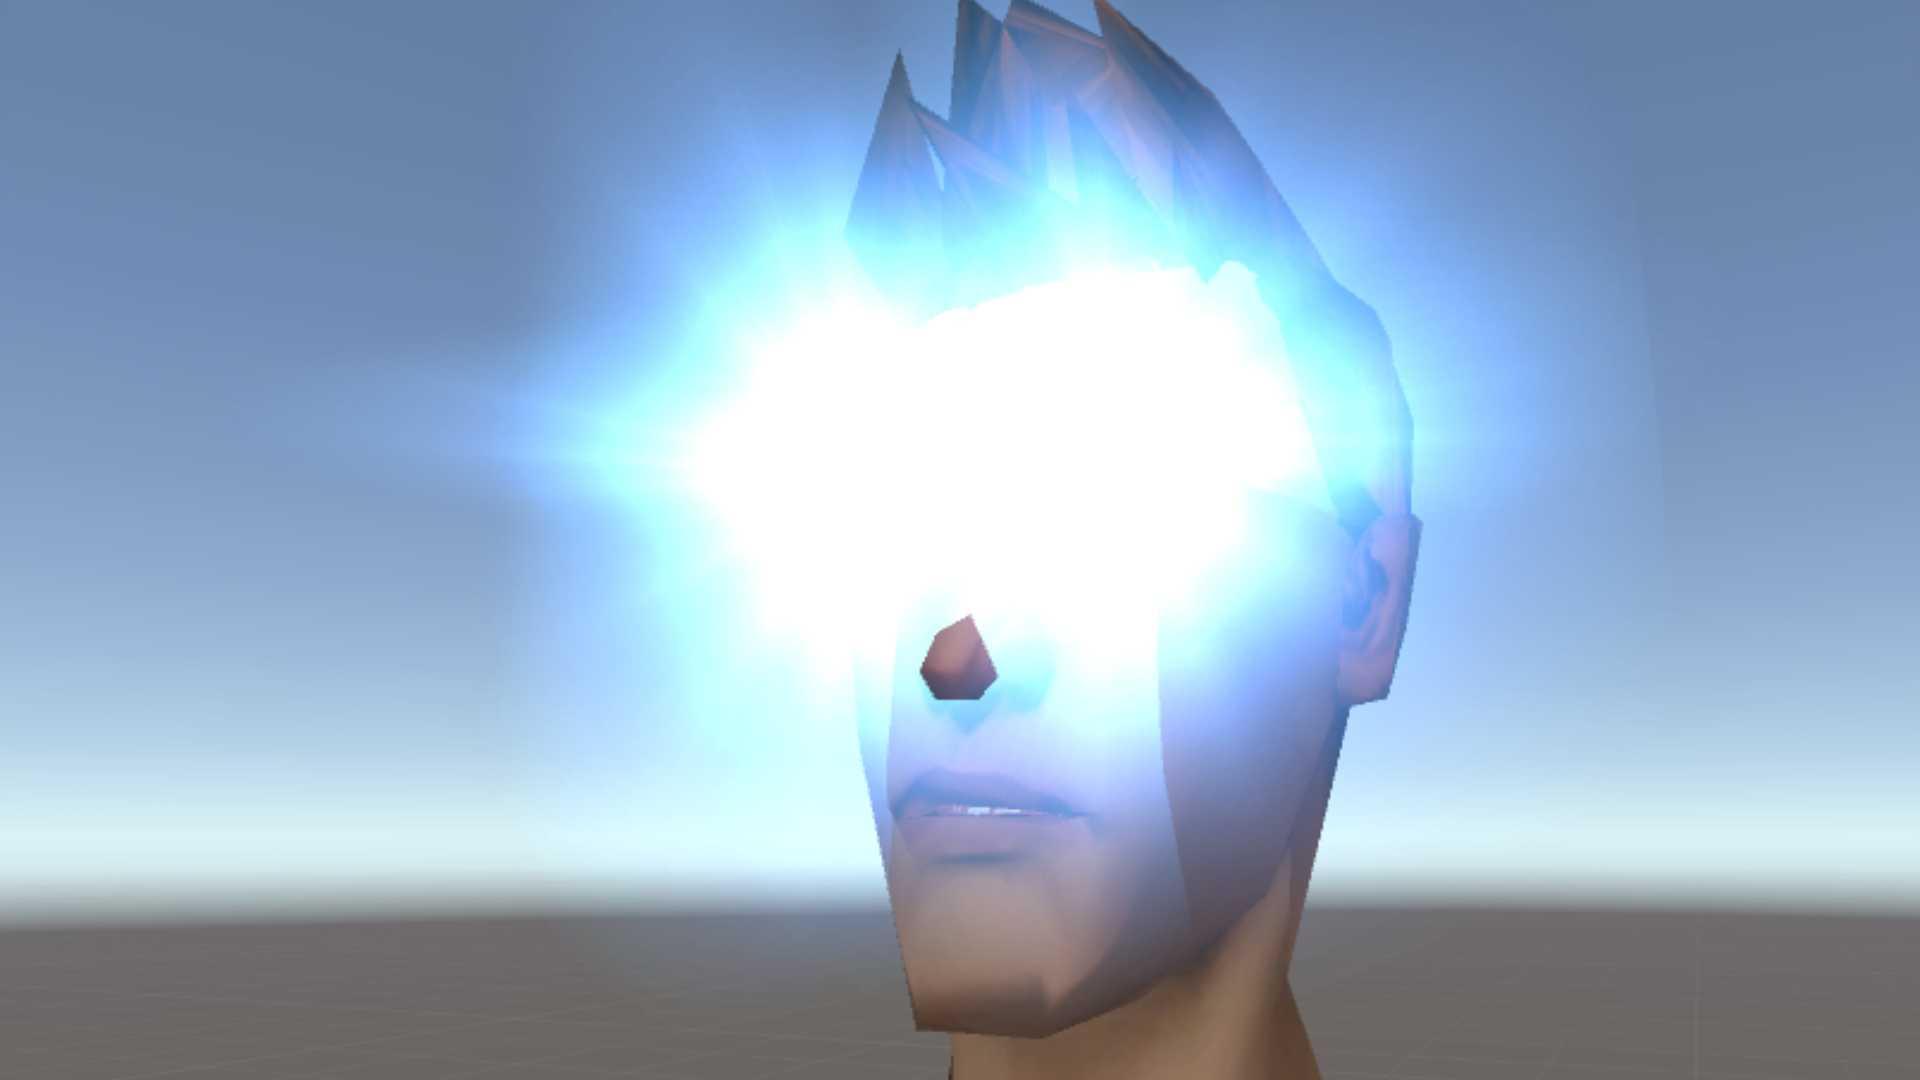 VRCMods - Lazer Eyes - VRChat Avatars